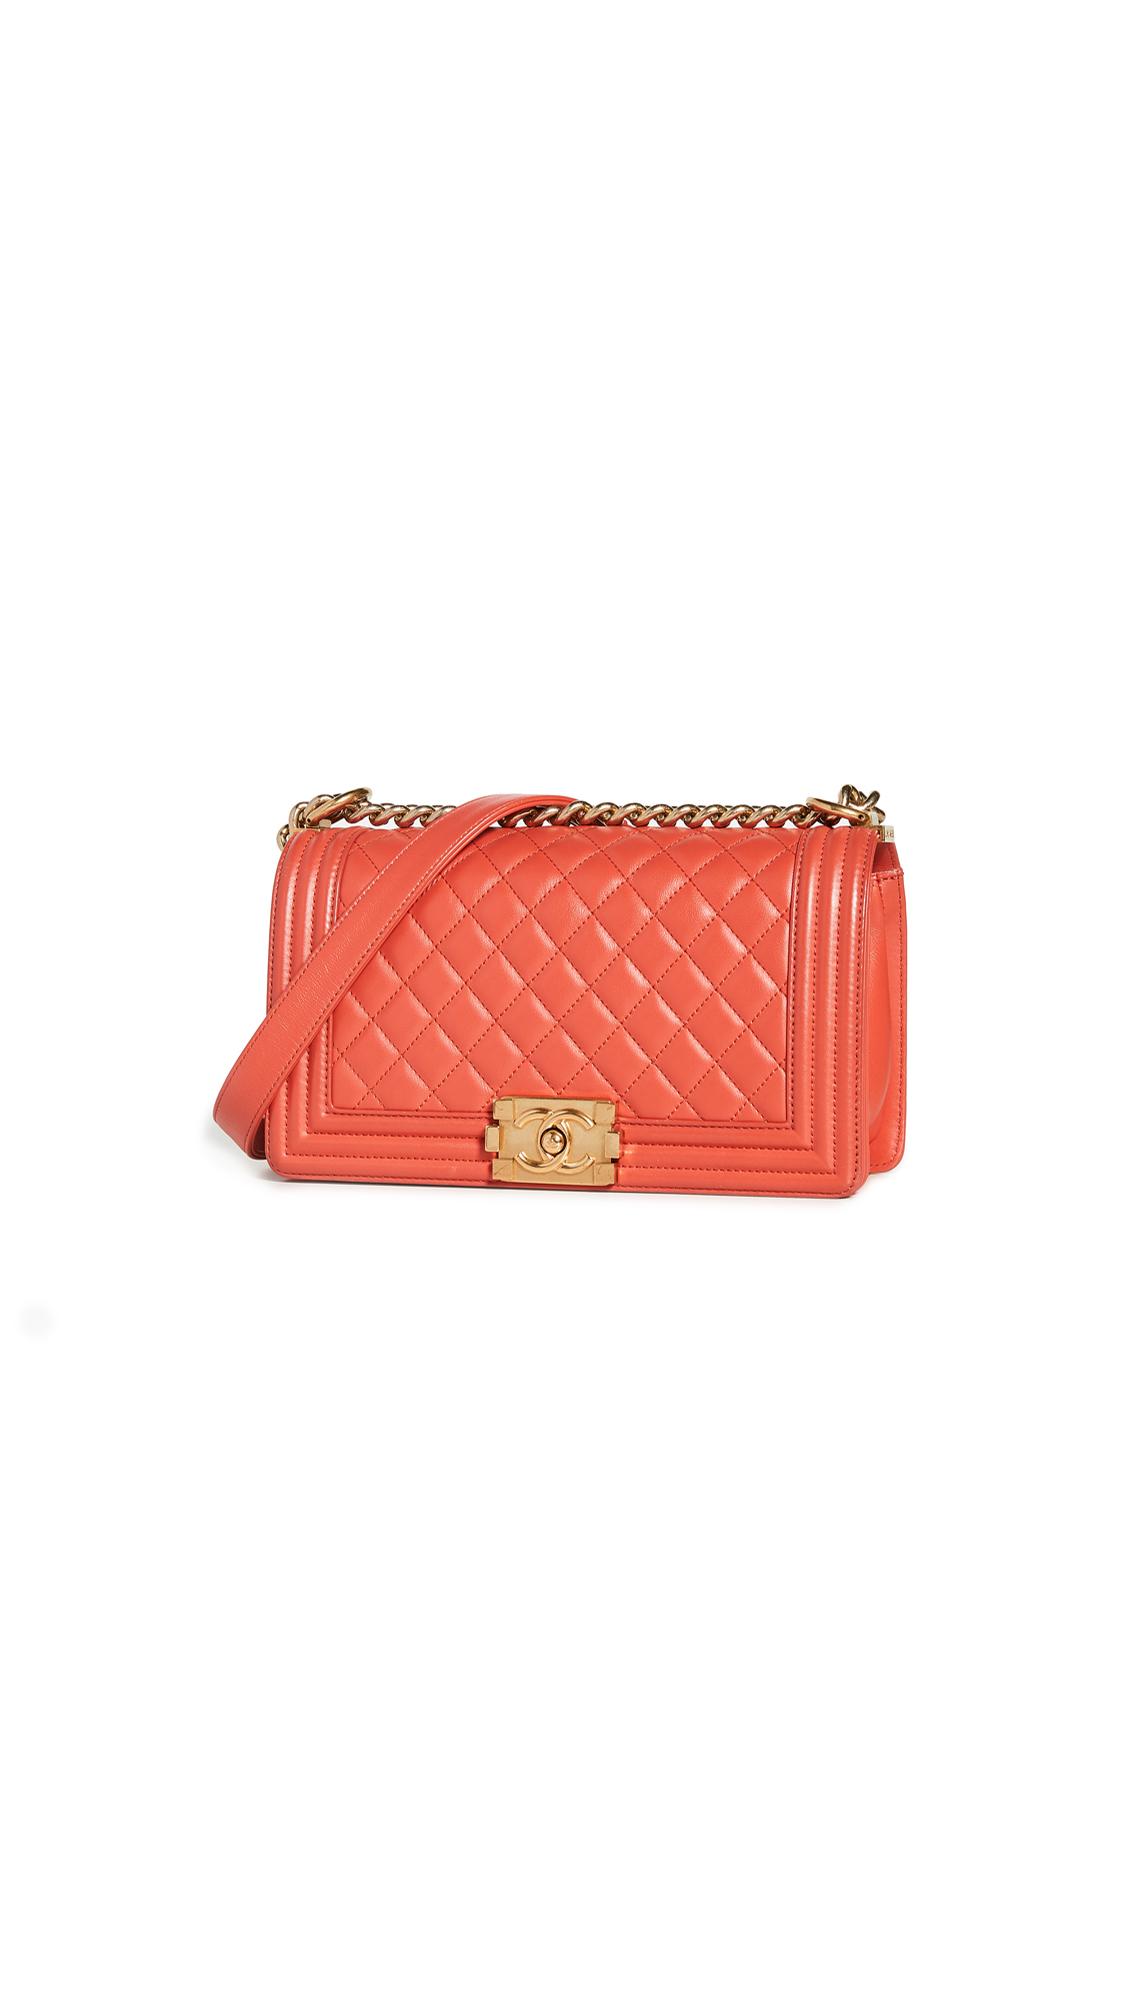 Shopbop Archive Chanel Boy Chanel 25cm Shoulder Bag